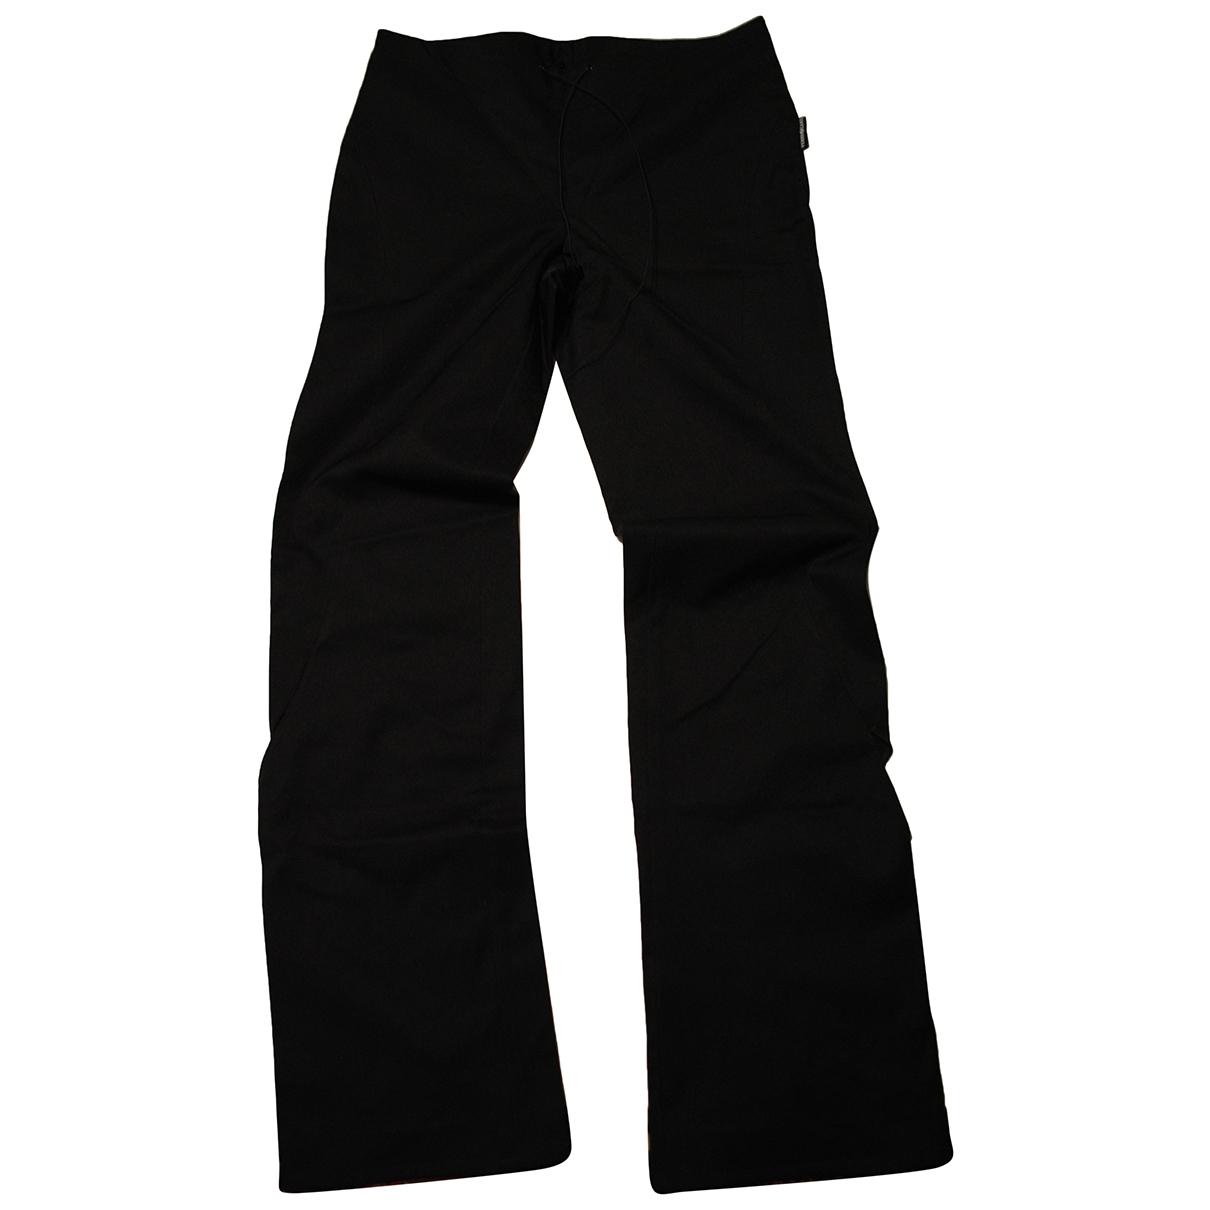 Pantalon en Sintetico Negro Gianfranco Ferre